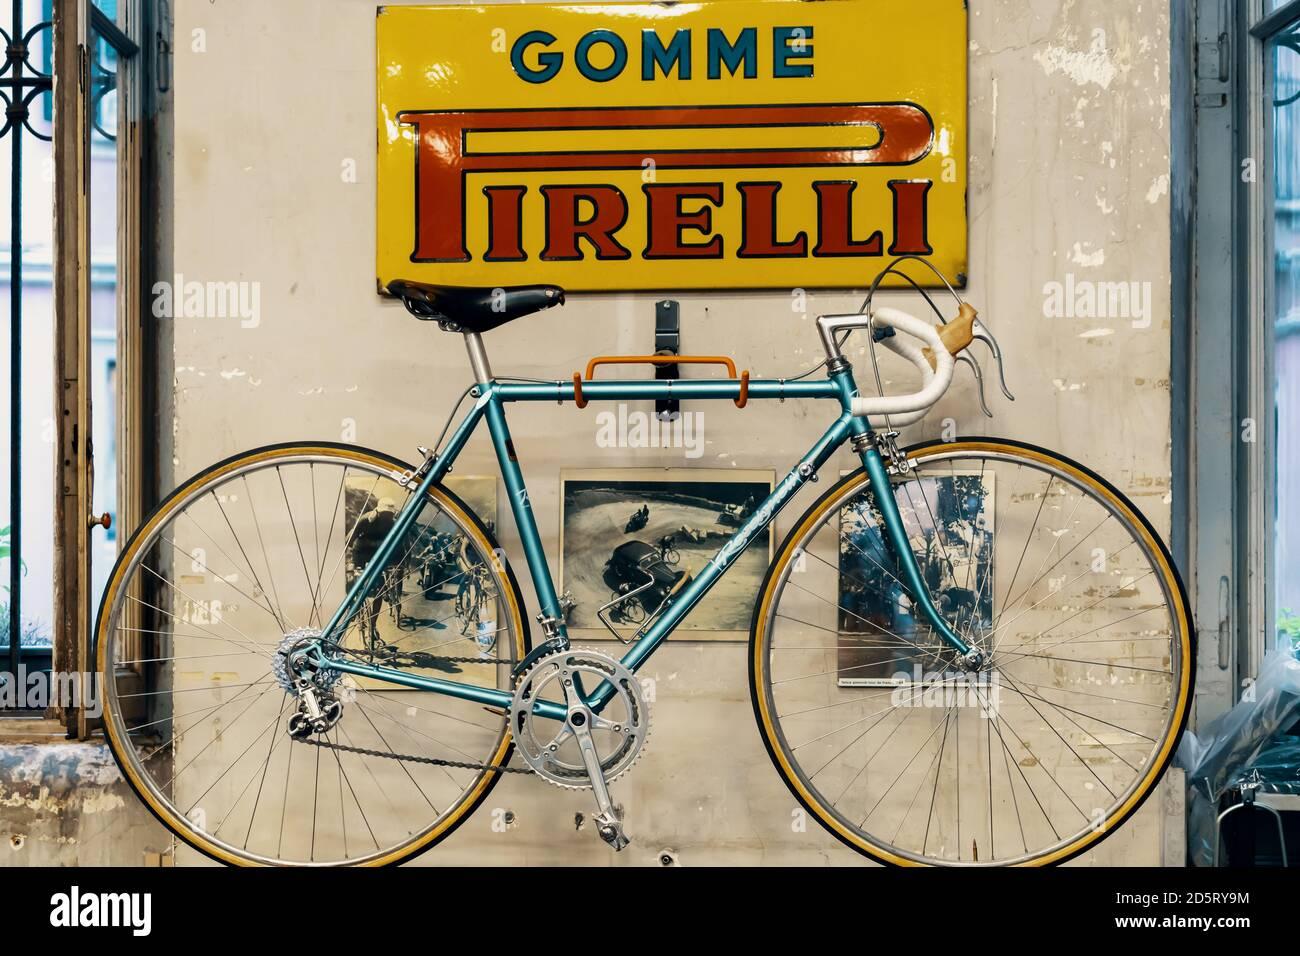 Logo Pirelli sur le mur, vélo dans un magasin de vélos. Pirelli est une multinationale italienne, spécialisée dans le secteur de la consommation. Milan, Italie - 28 Banque D'Images